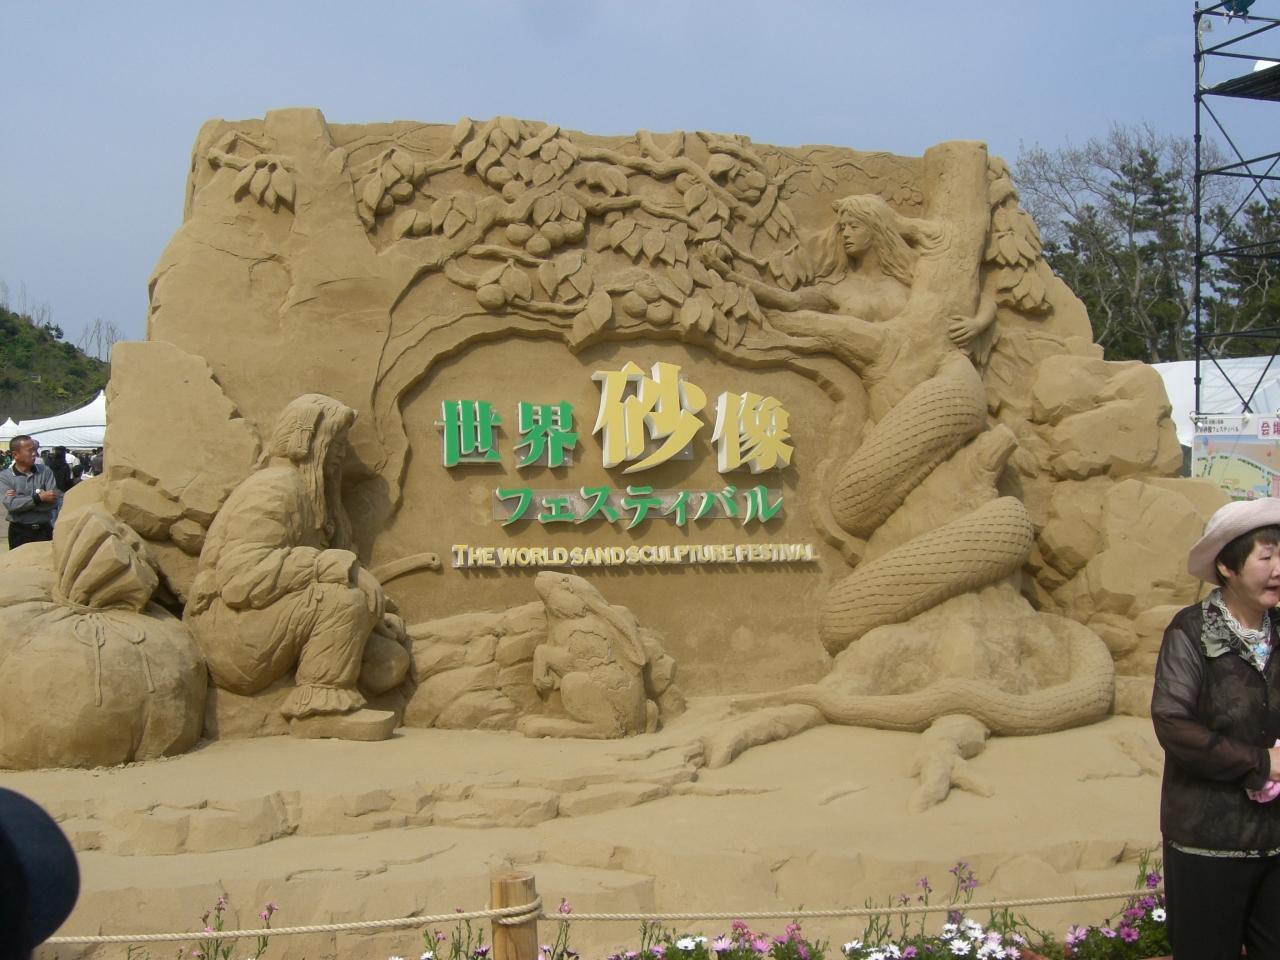 世界砂像フェスティバル   (2009.4.18〜2009.5.31)